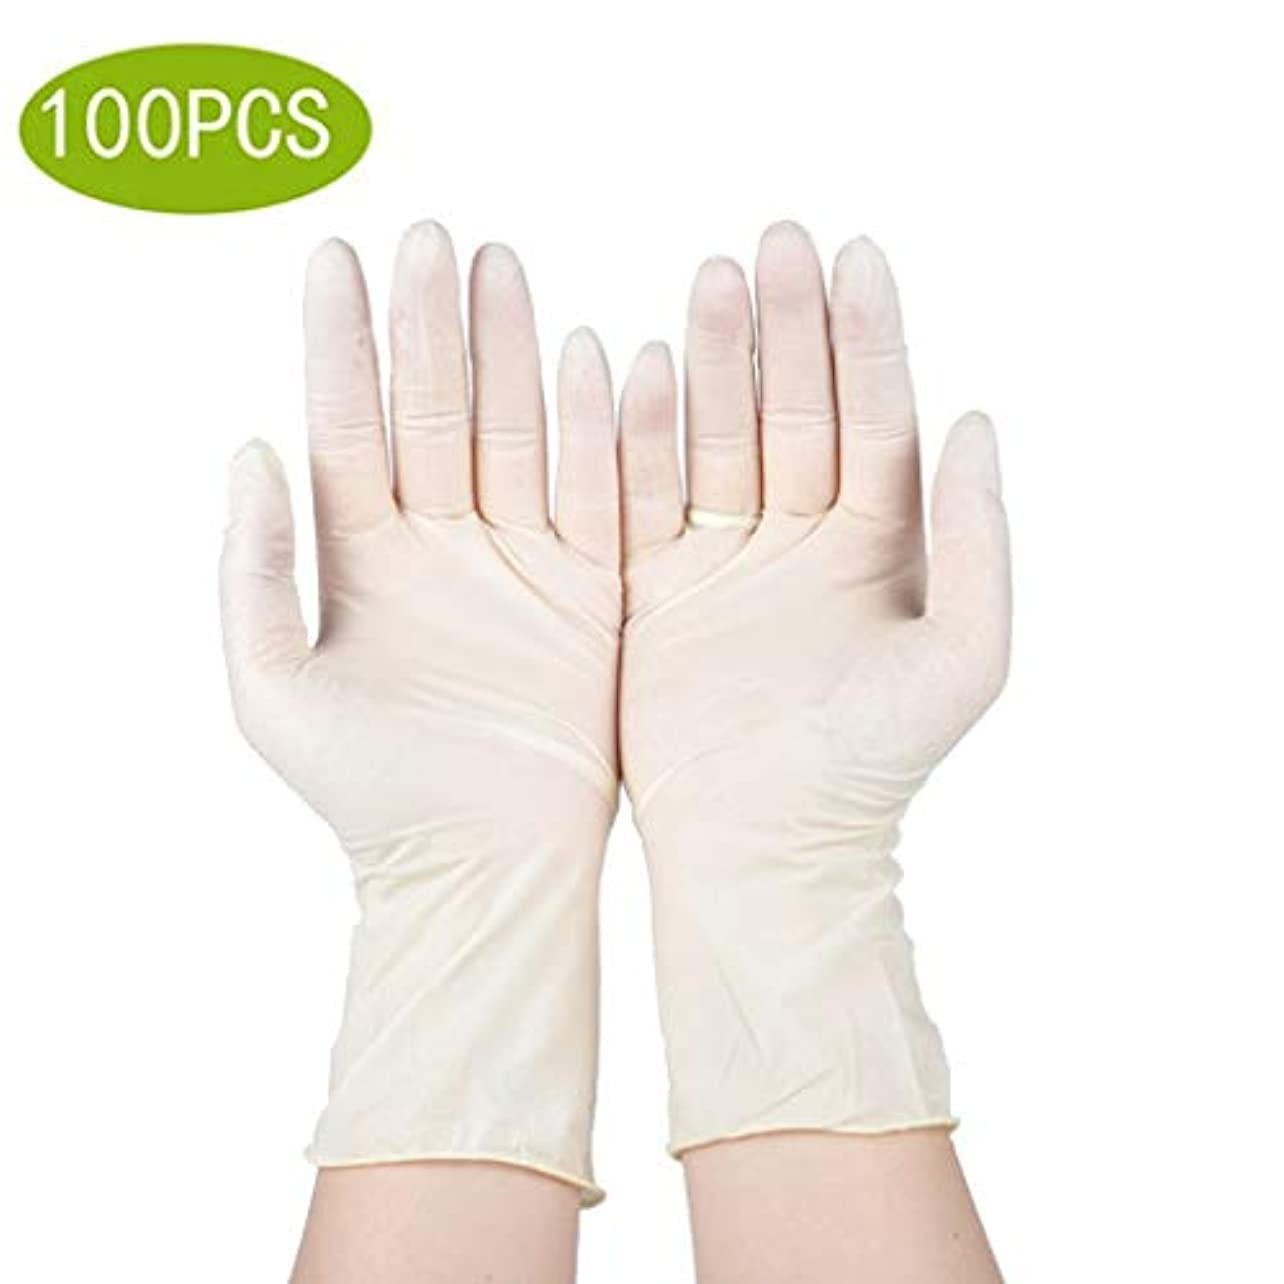 献身授業料曲げるニトリル手袋義務使い捨てビニール手袋、100カウント、特大 - パウダーフリー、両用性、超快適、極度の強度、耐久性と伸縮性、医療、食品、マルチユース (Color : Latex Gloves, Size : M)